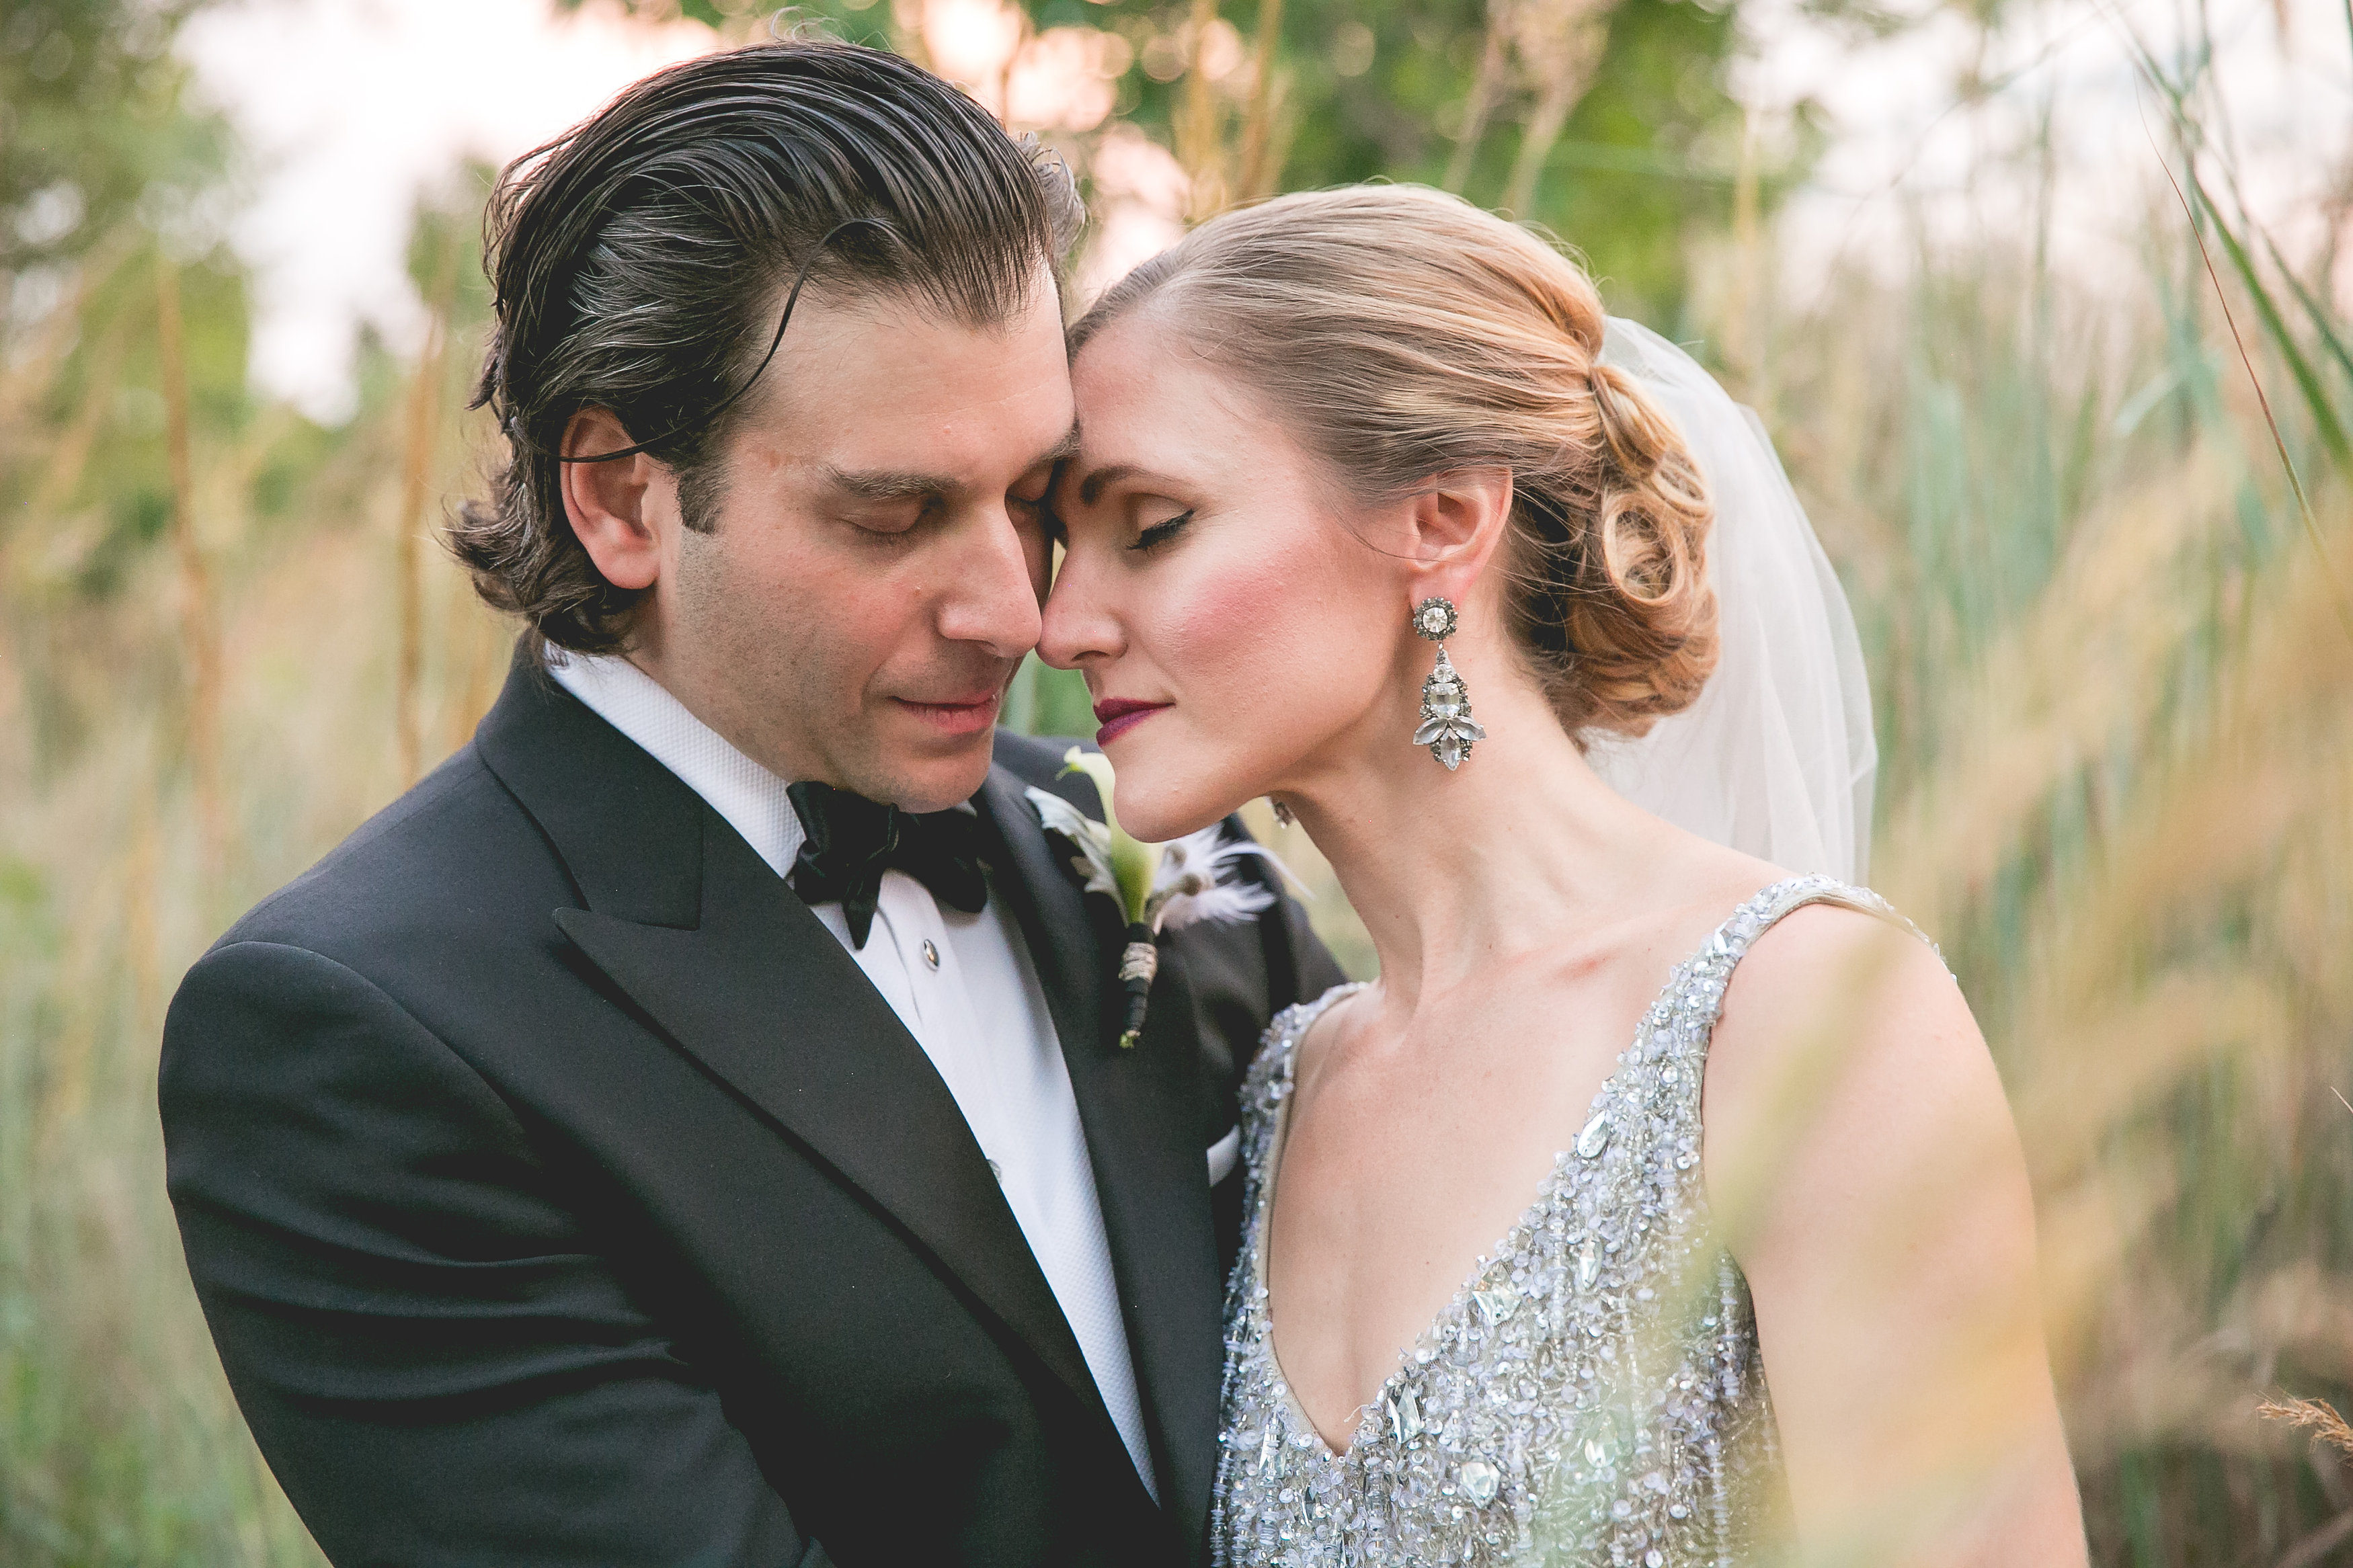 silver-sparkle-jewish-wedding-nashville-shehewe-photography-17